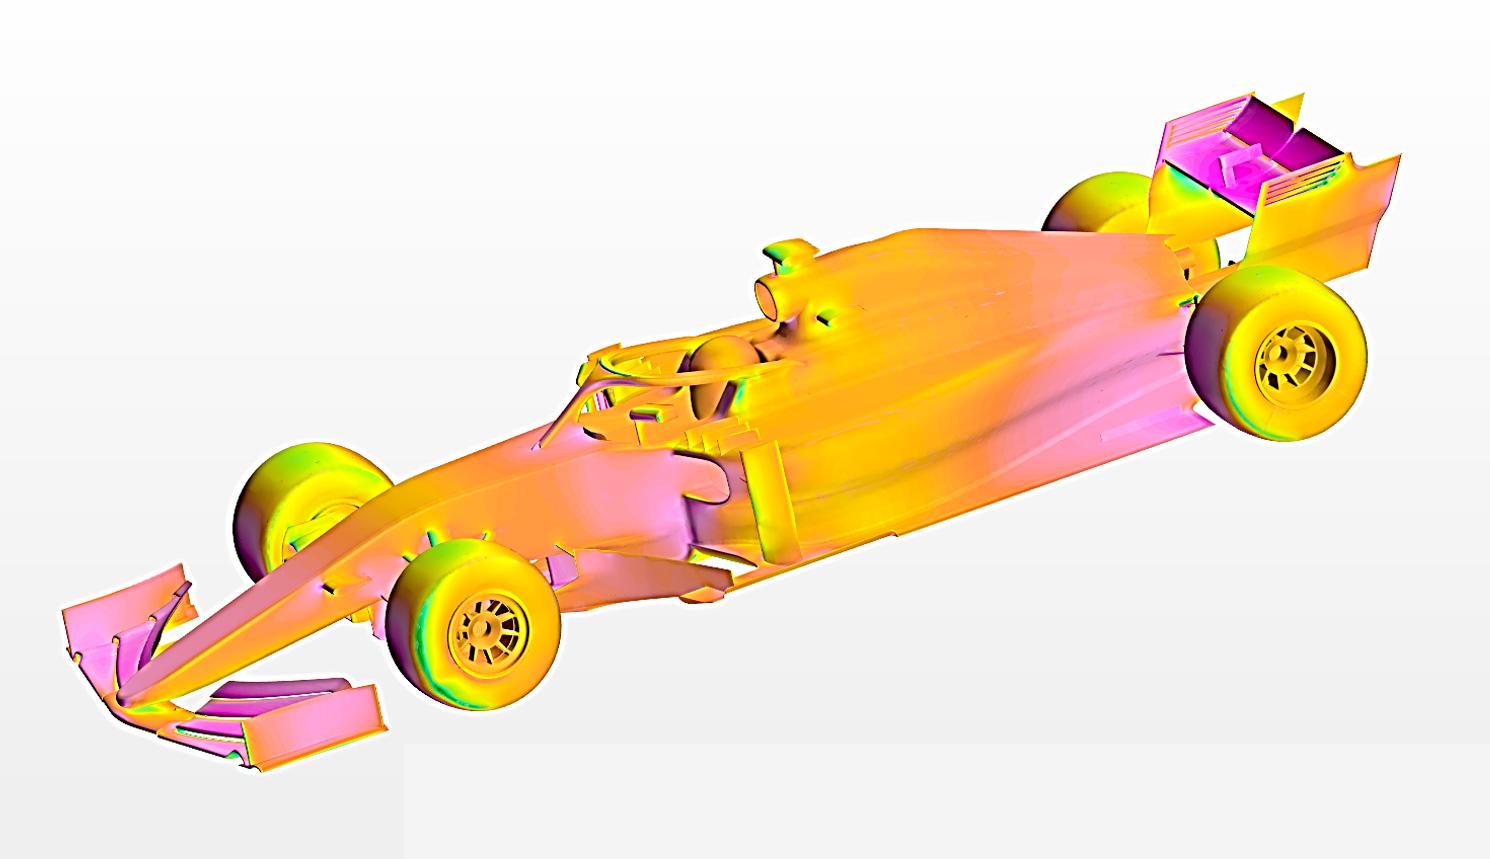 analisis-cfd-2019-6-f1-soymotor_0.jpg